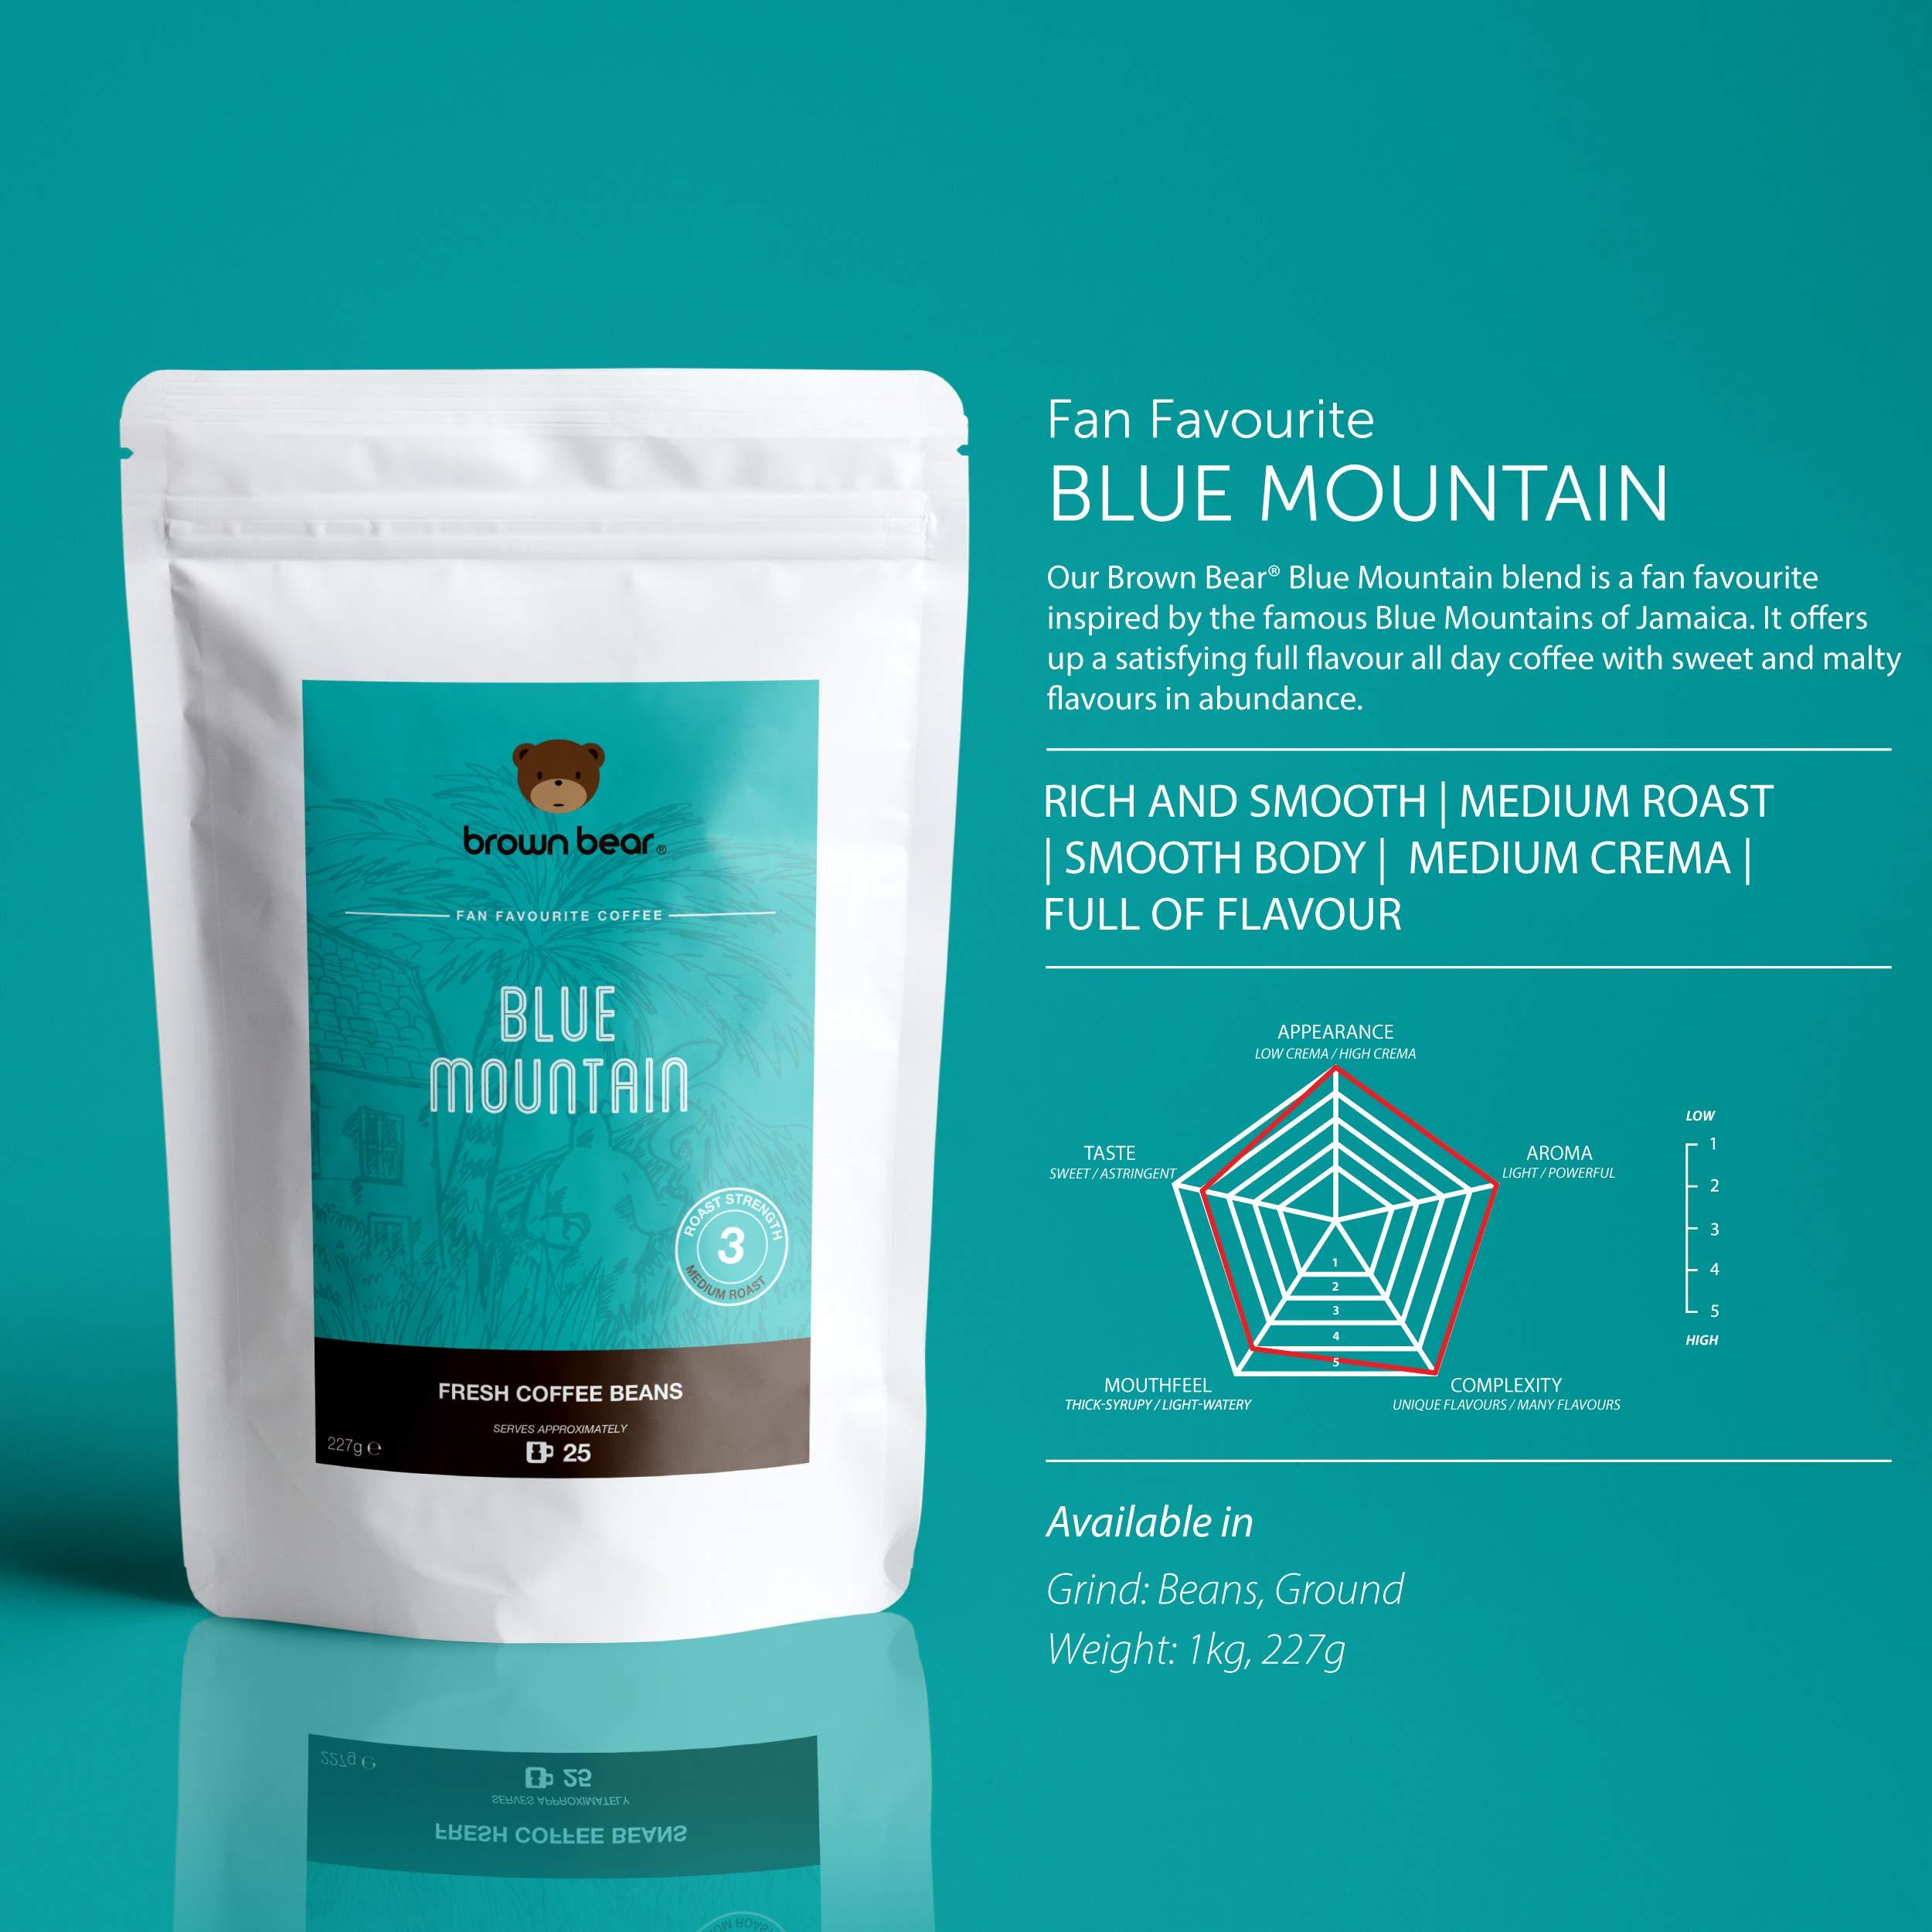 Brown-Bear-Blue-Mountain-Medium-Roast-Whole-Bean-Coffee